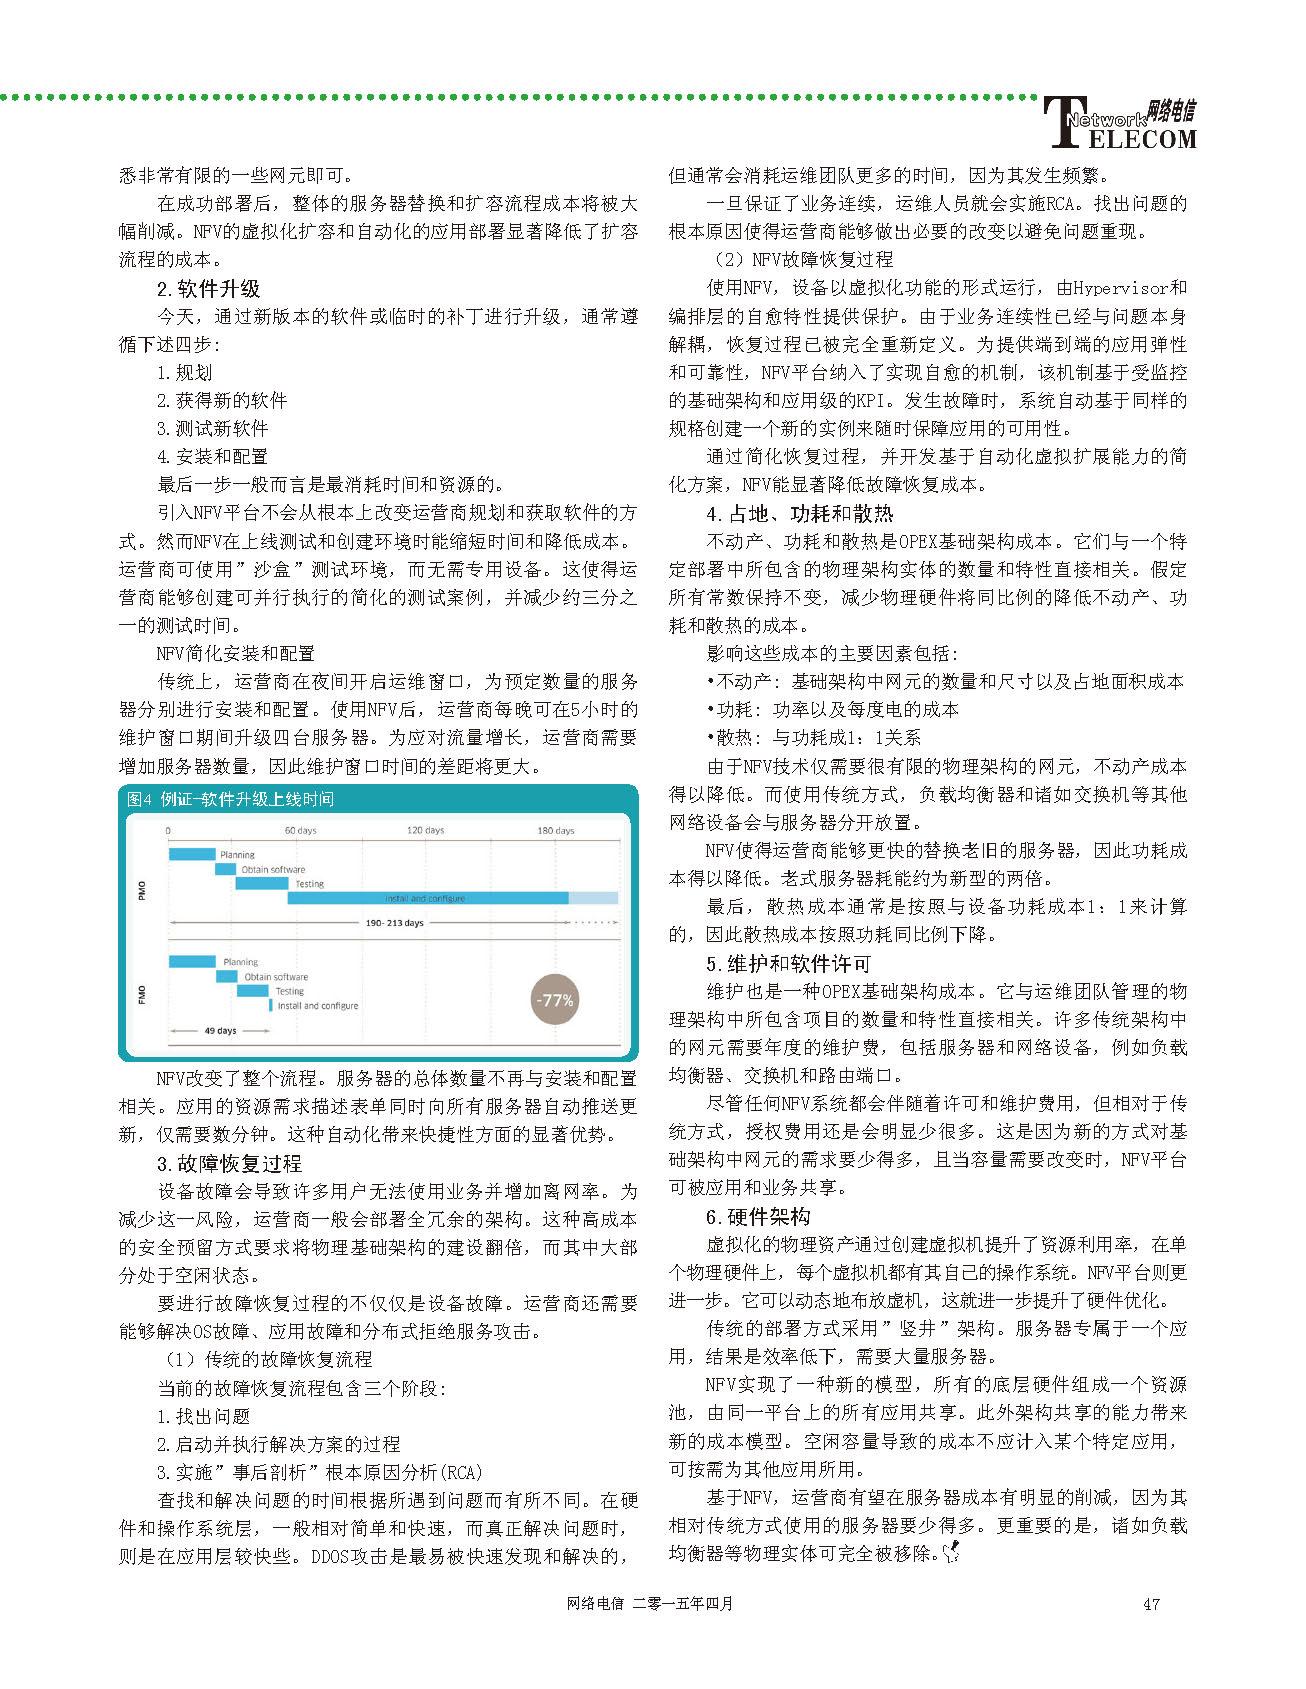 电信2015-04_页面_47.jpg